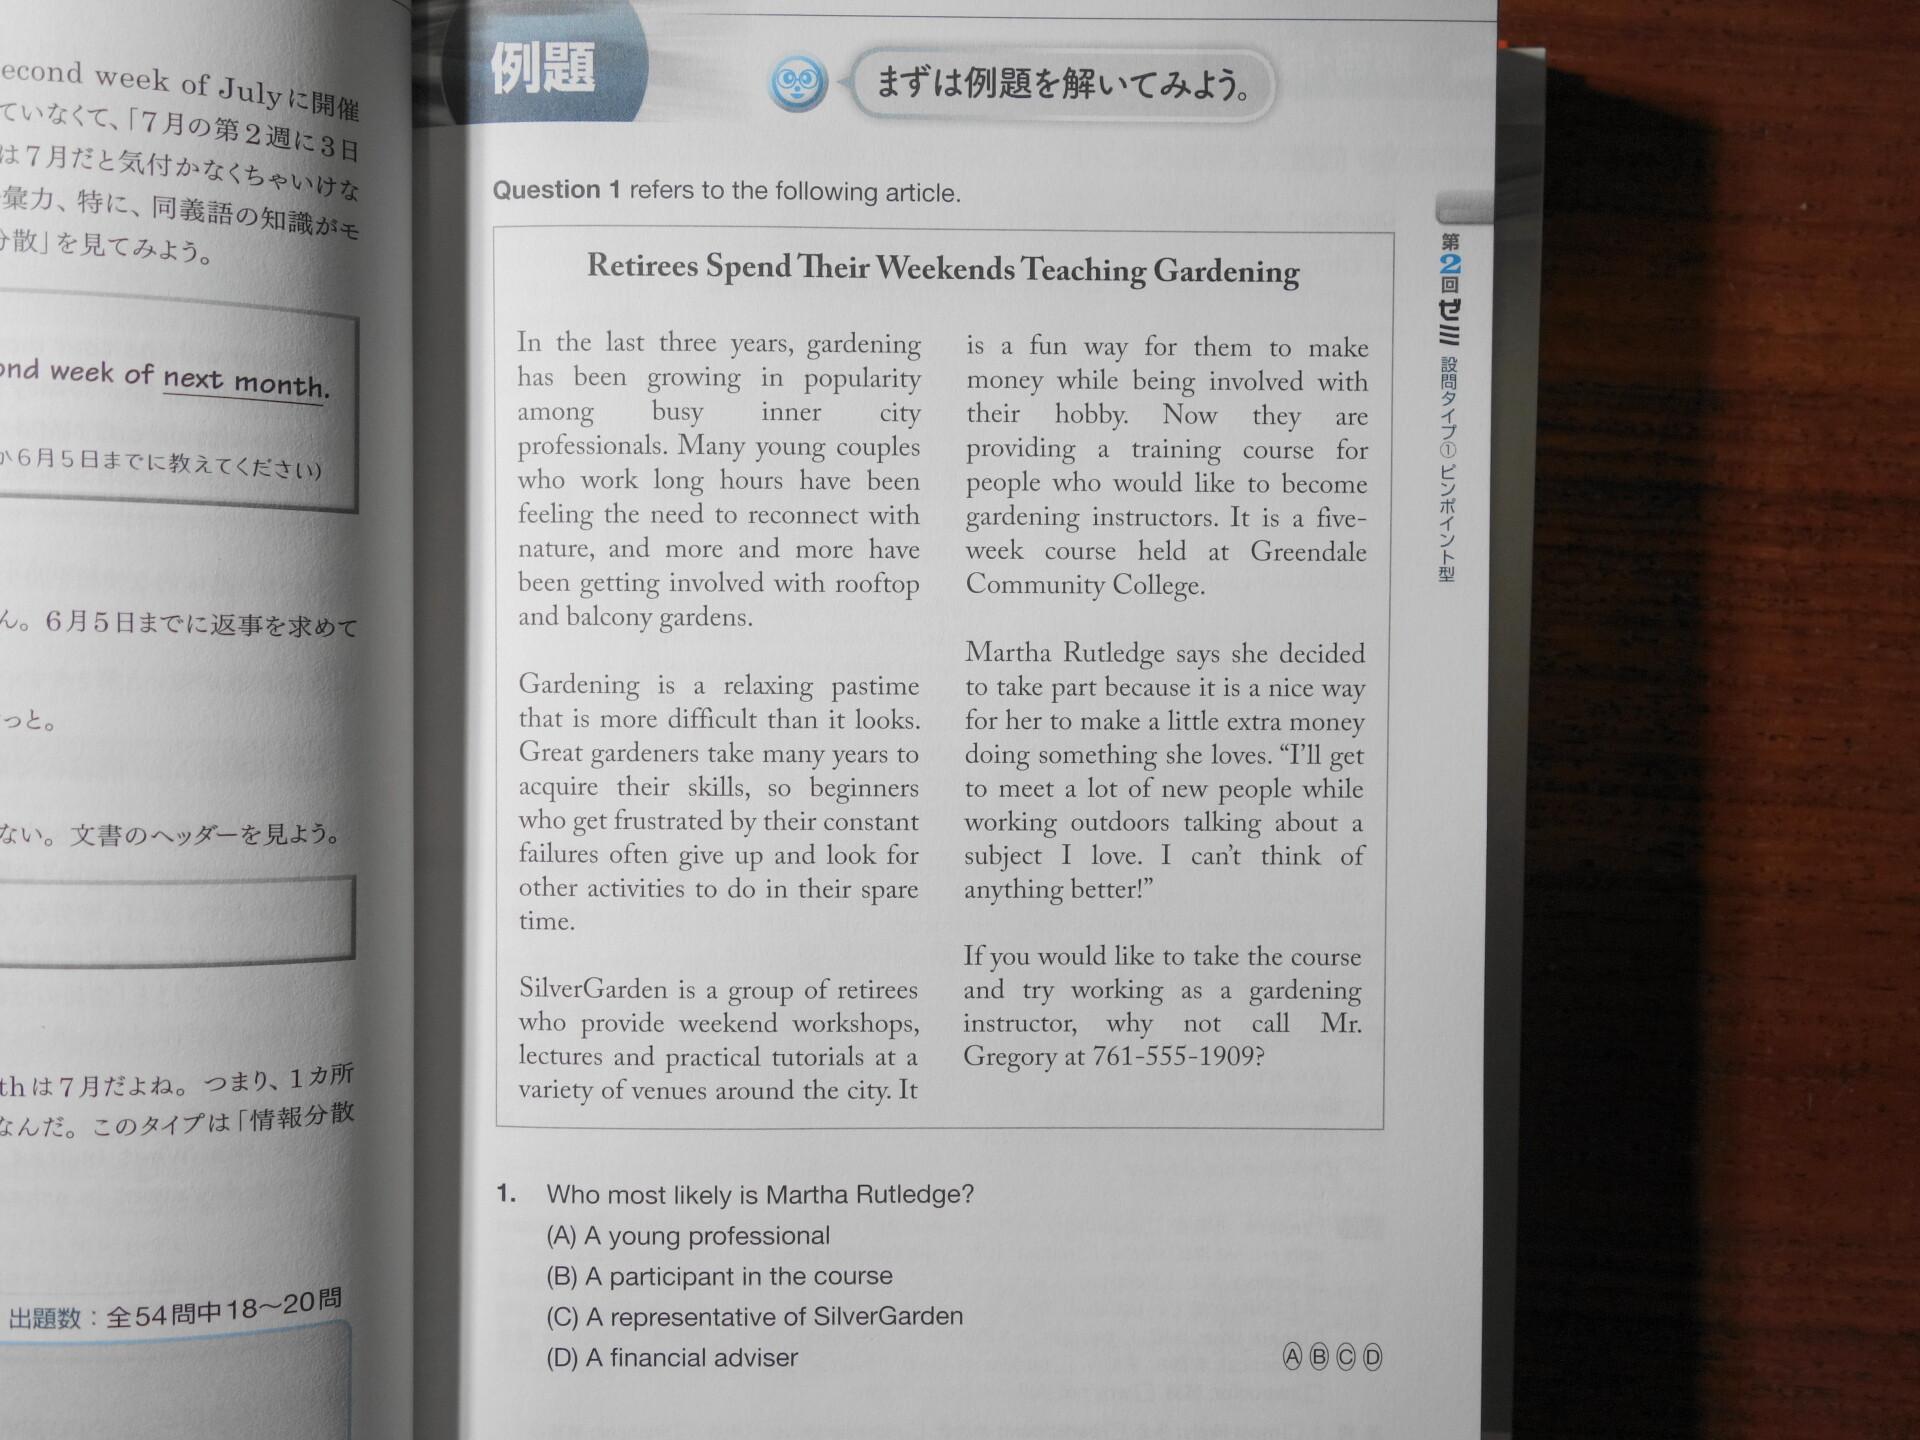 究極のゼミPart7の例題